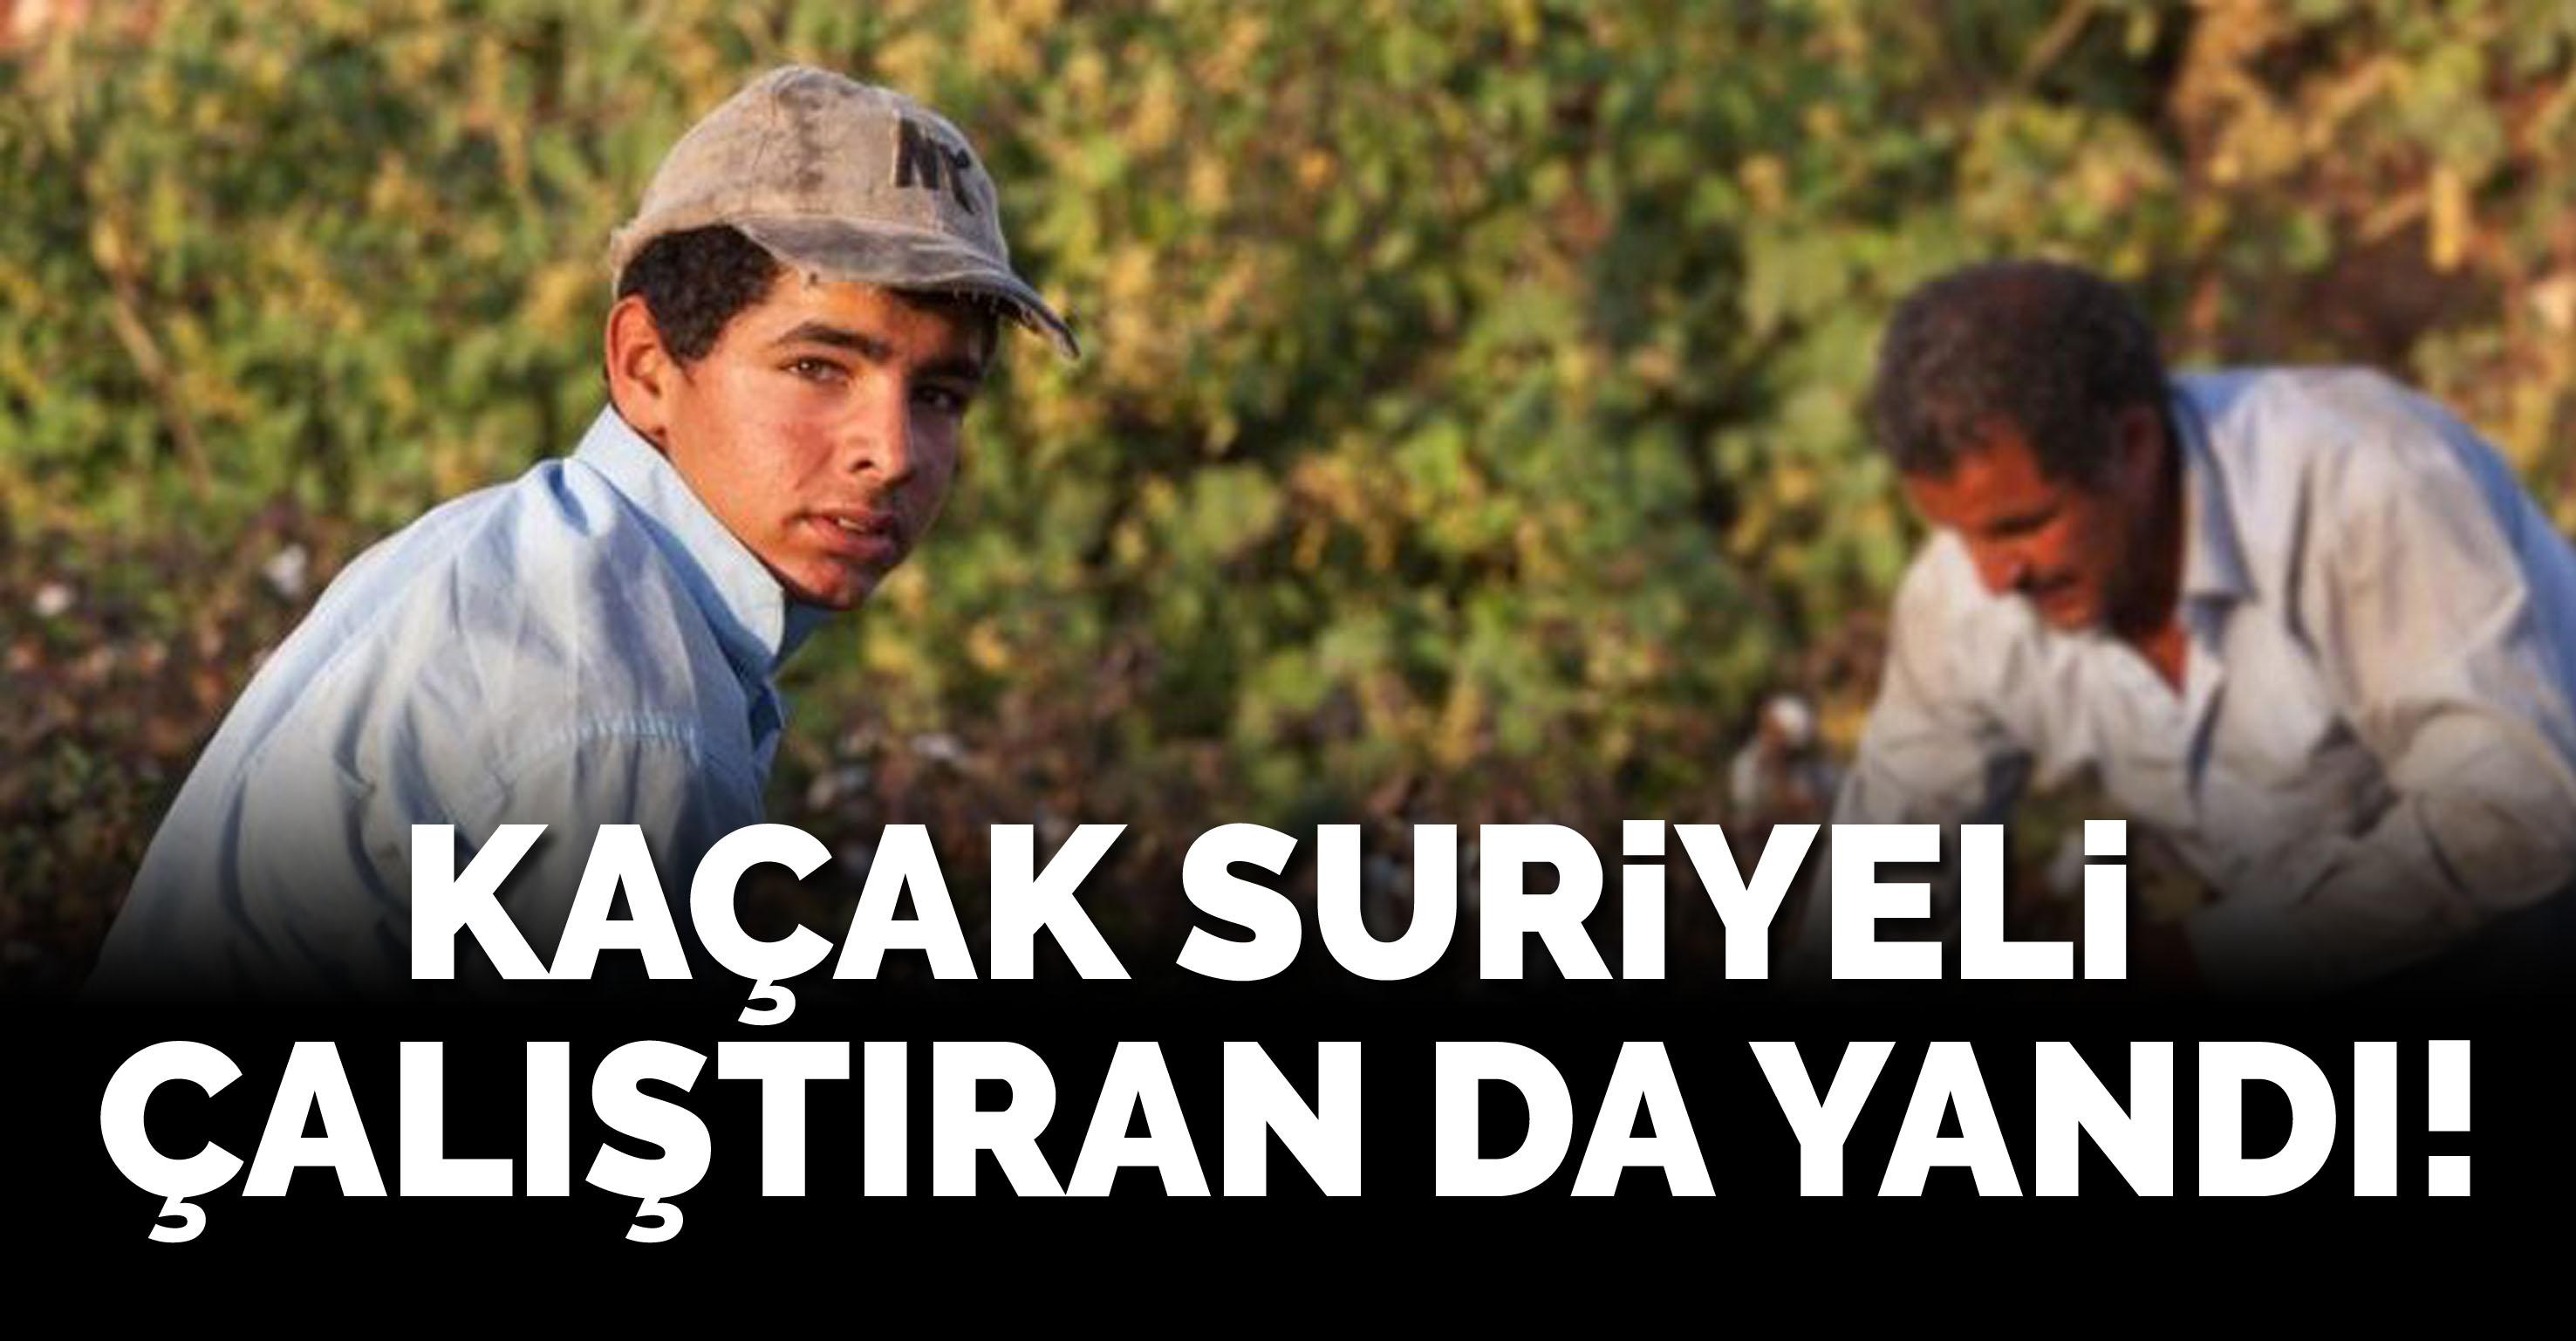 Kaçak Suriyeli çalıştıran da yandı!